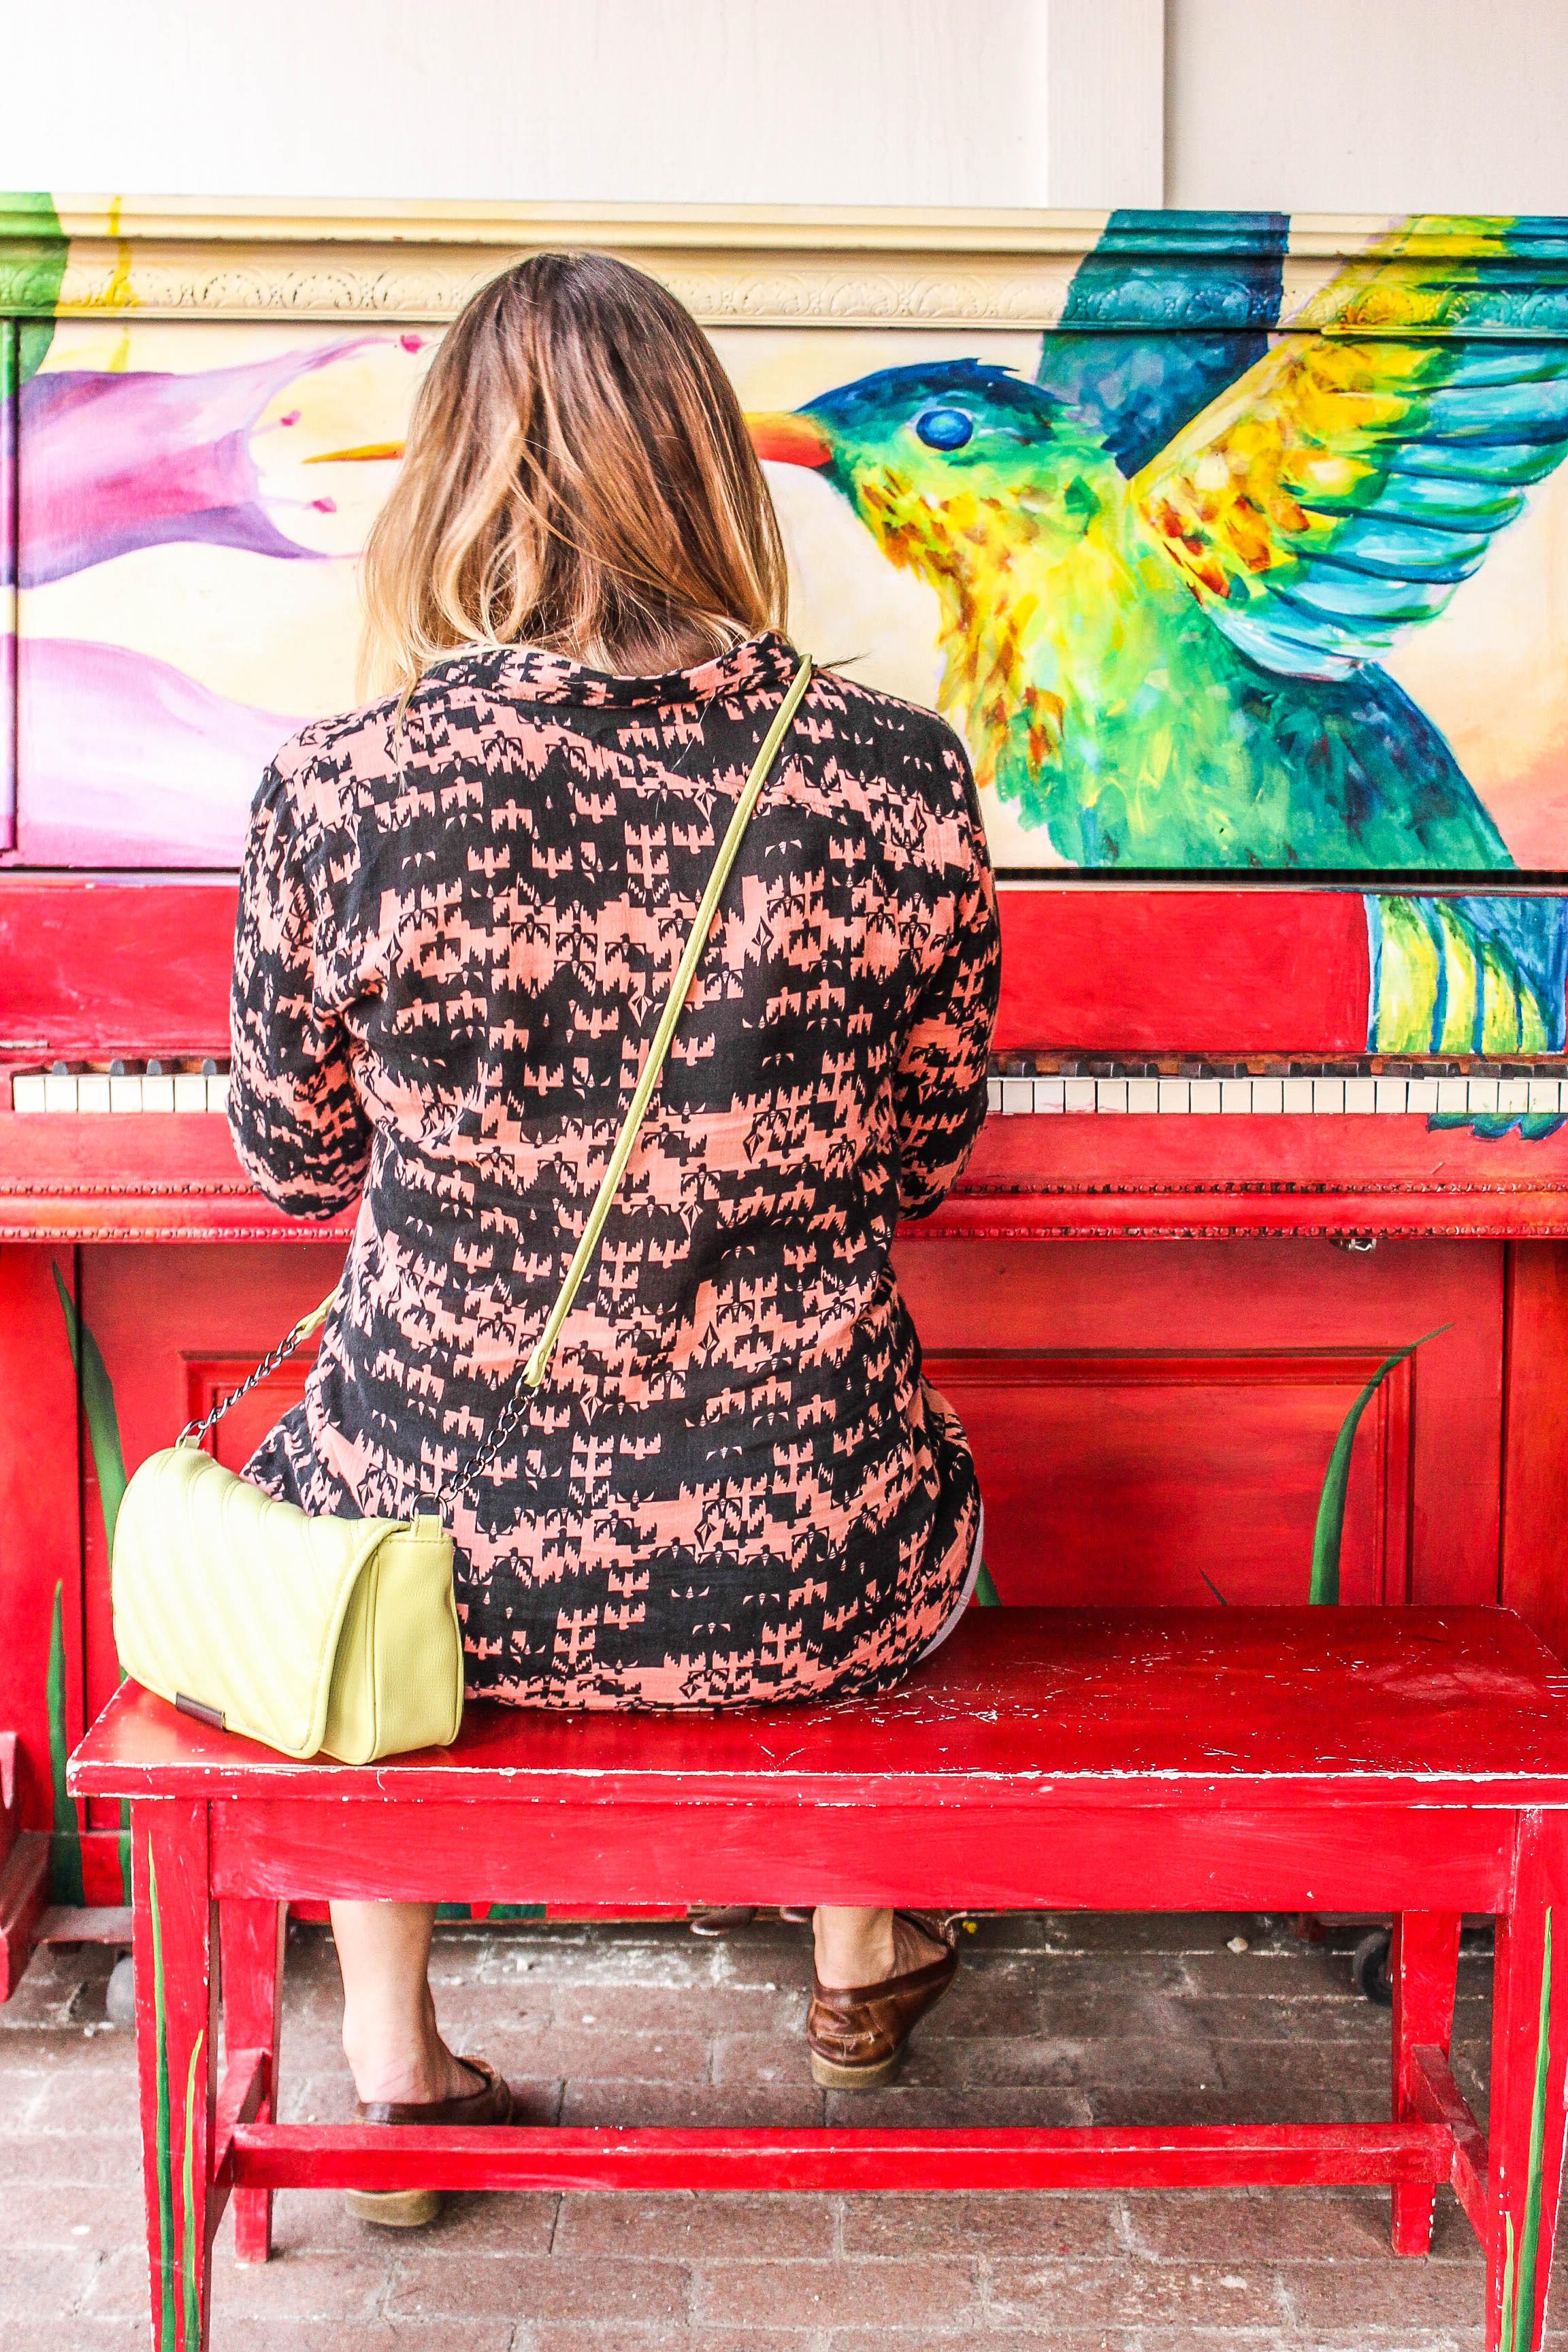 Kira at the Piano: edited using the JamesB 'vacation snapshot enhancer- strong'